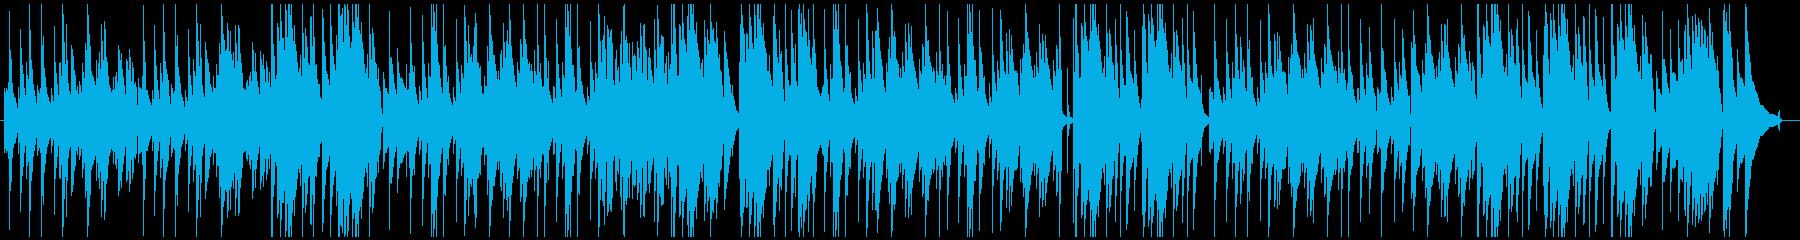 ガット・ギターによるクラシカルなインストの再生済みの波形